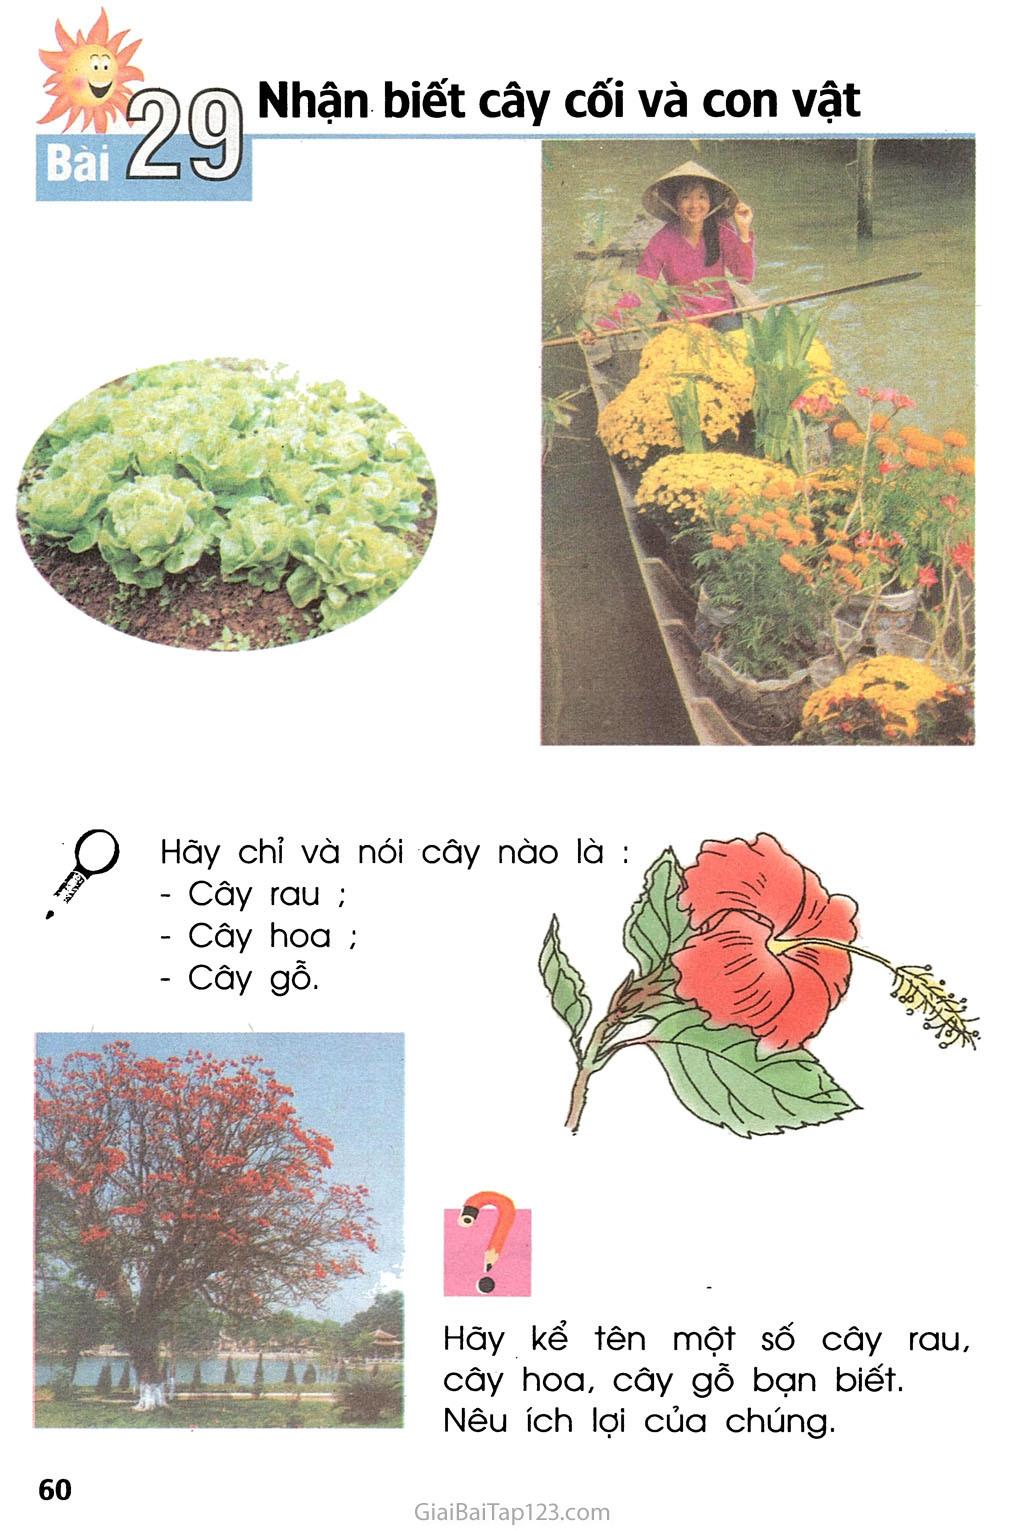 Bài 29. Nhận biết cây cối và con vật trang 1